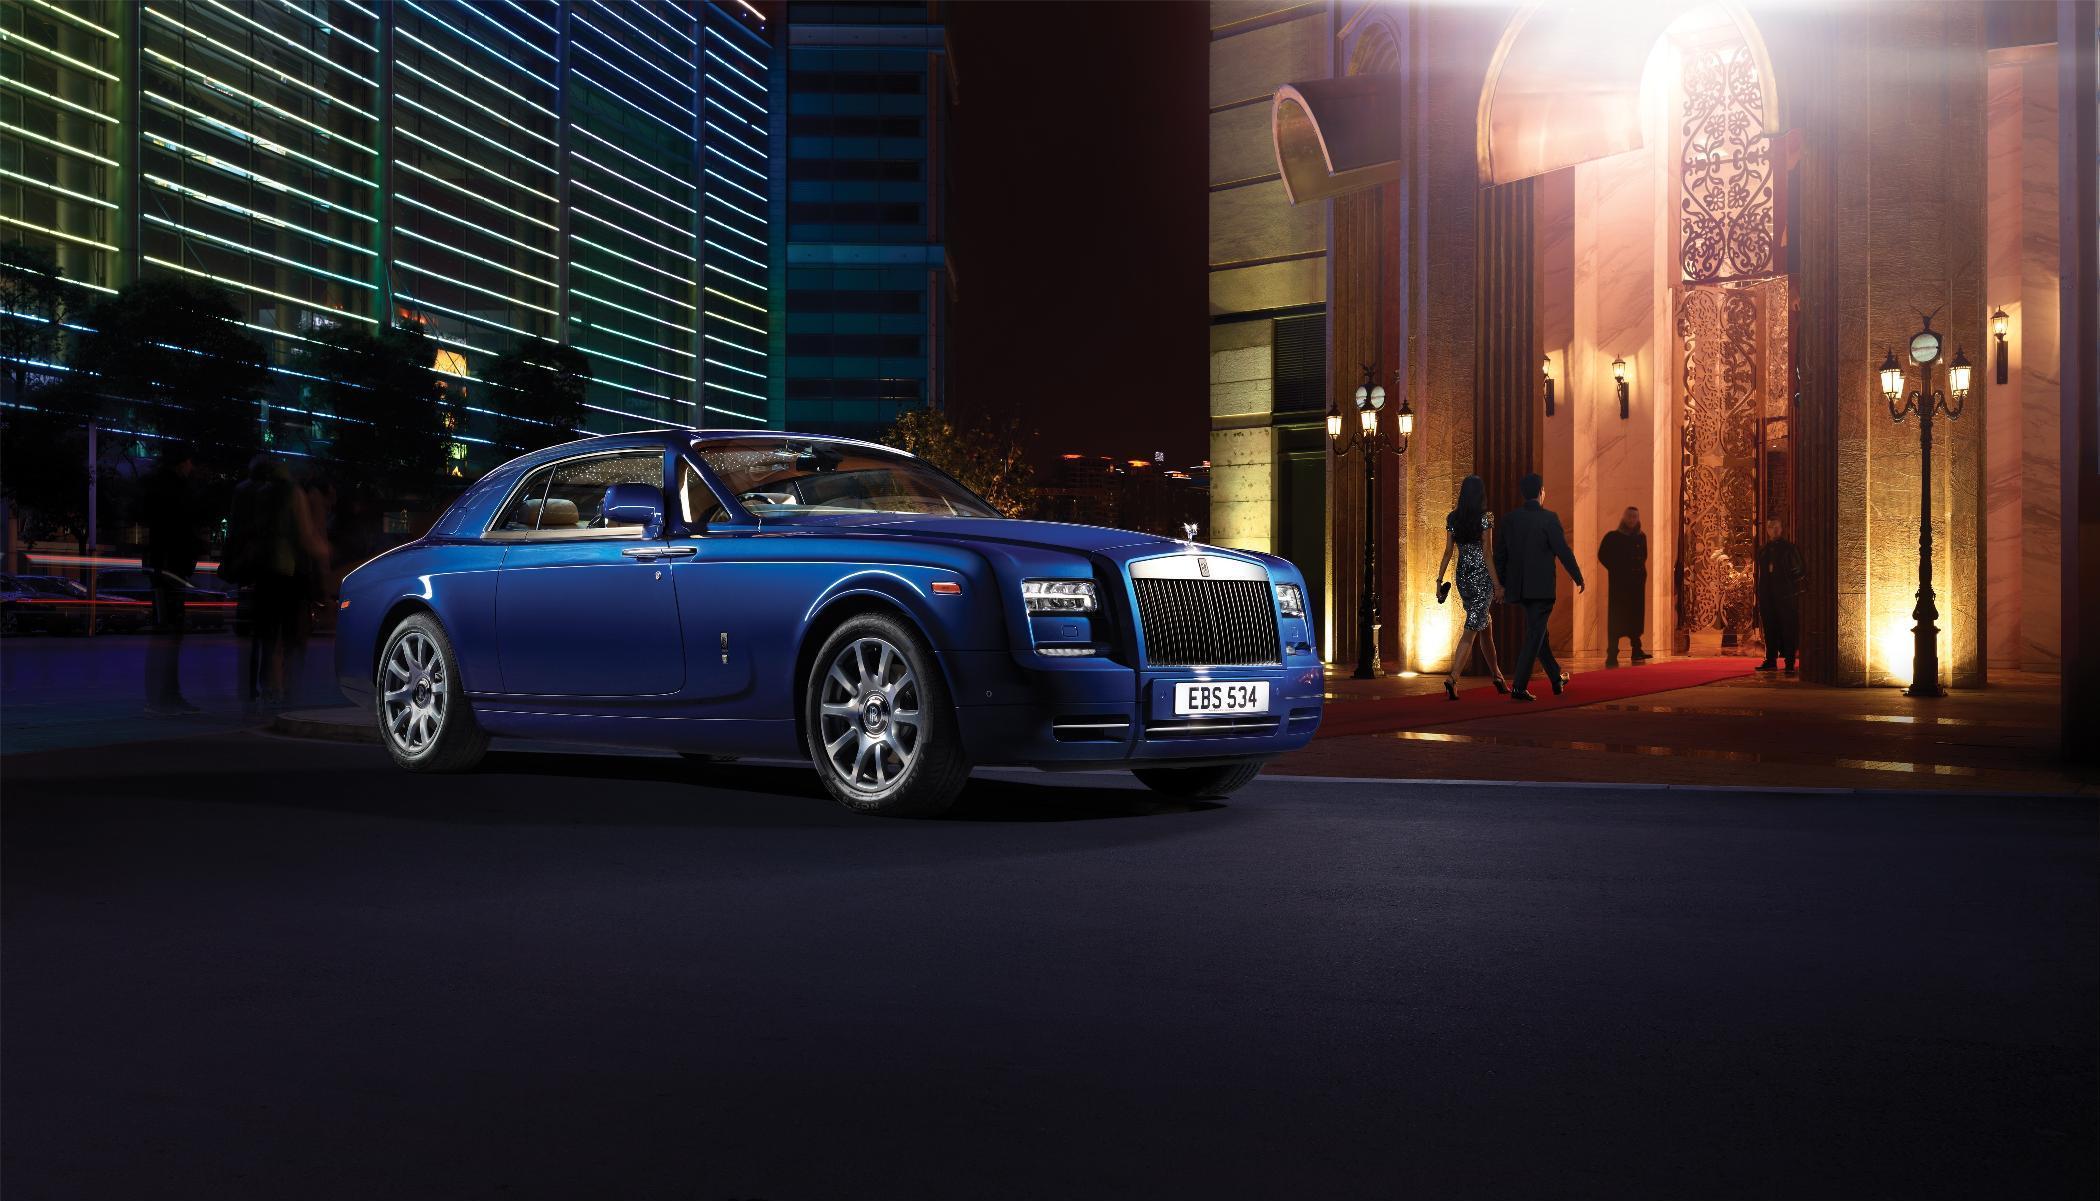 Rolls Royce Phantom II 2